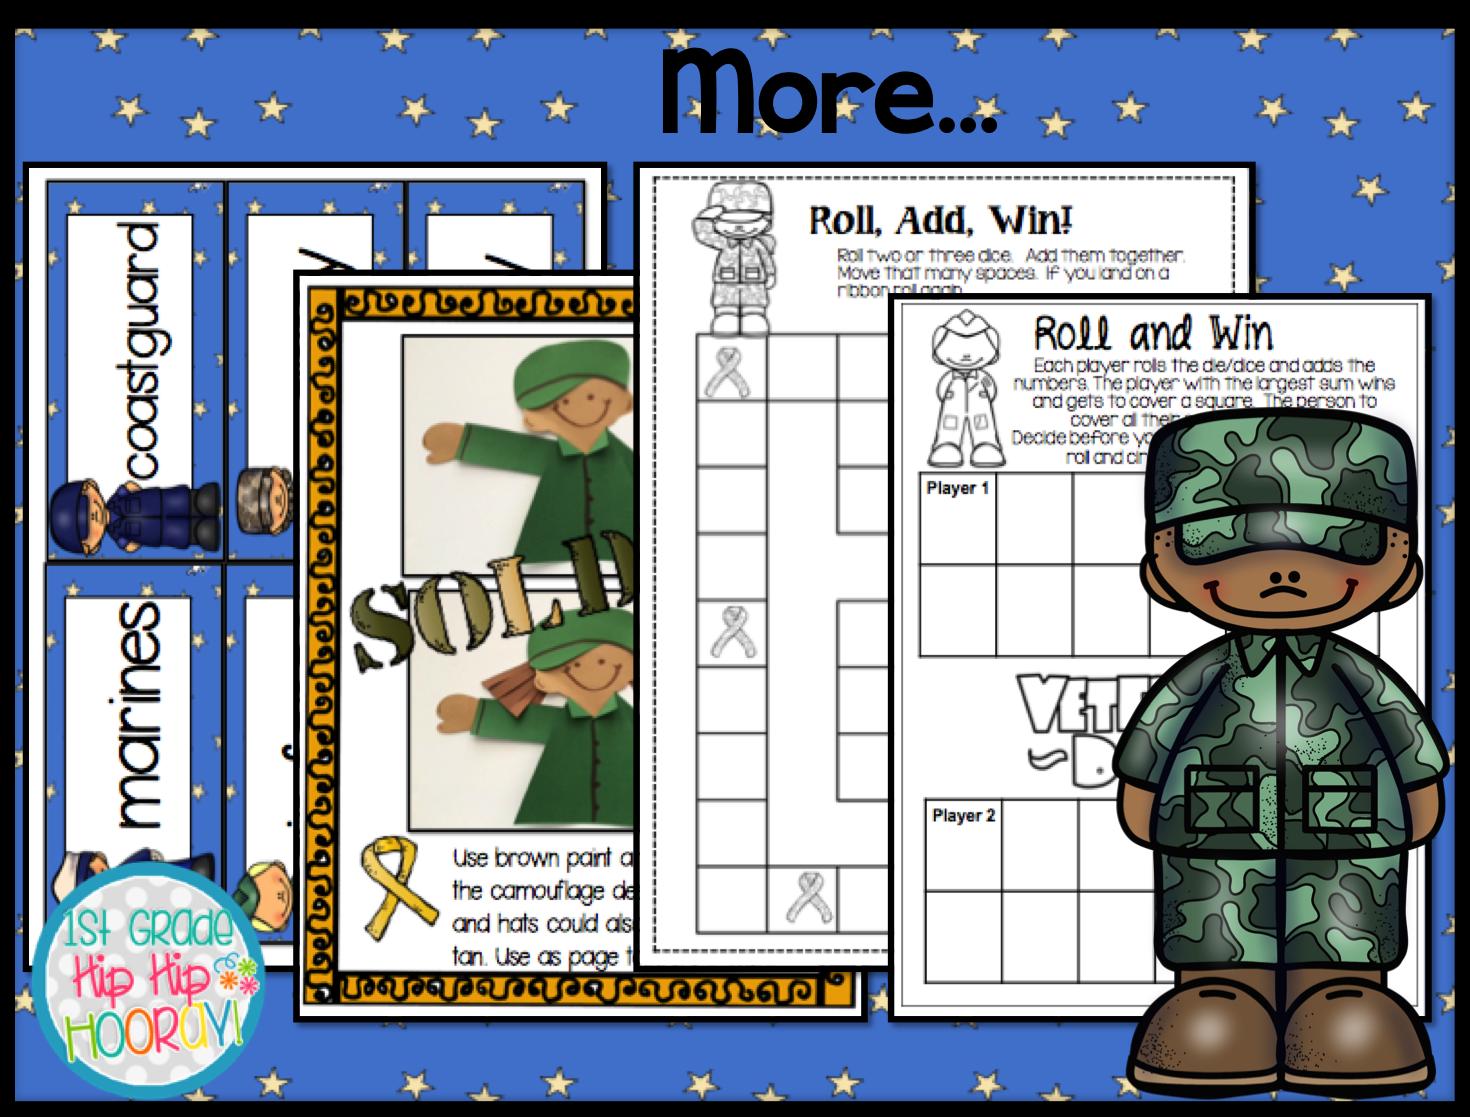 1st Grade Hip Hip Hooray Veterans Day